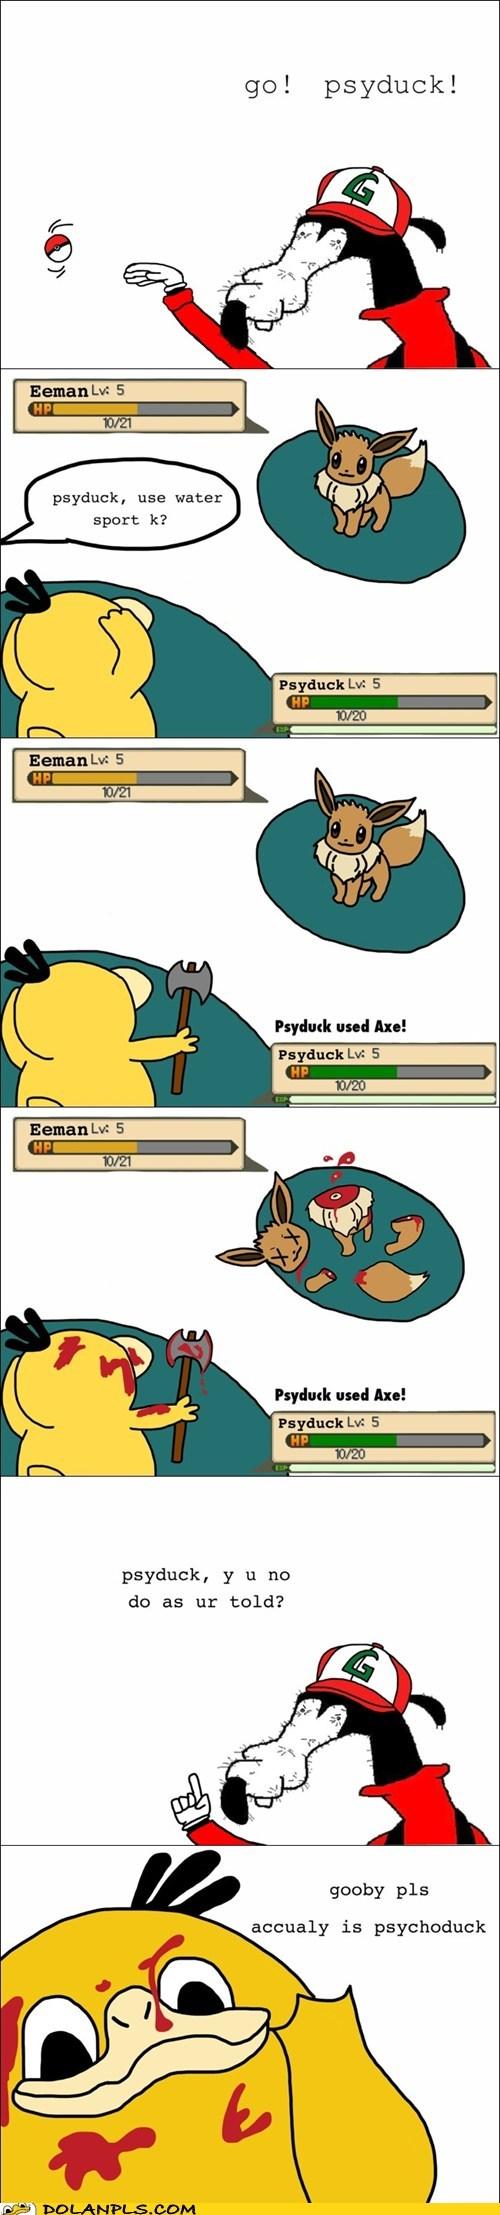 Pokémon,gooby,water sports,Psyduck,Pokémemes,pokememe